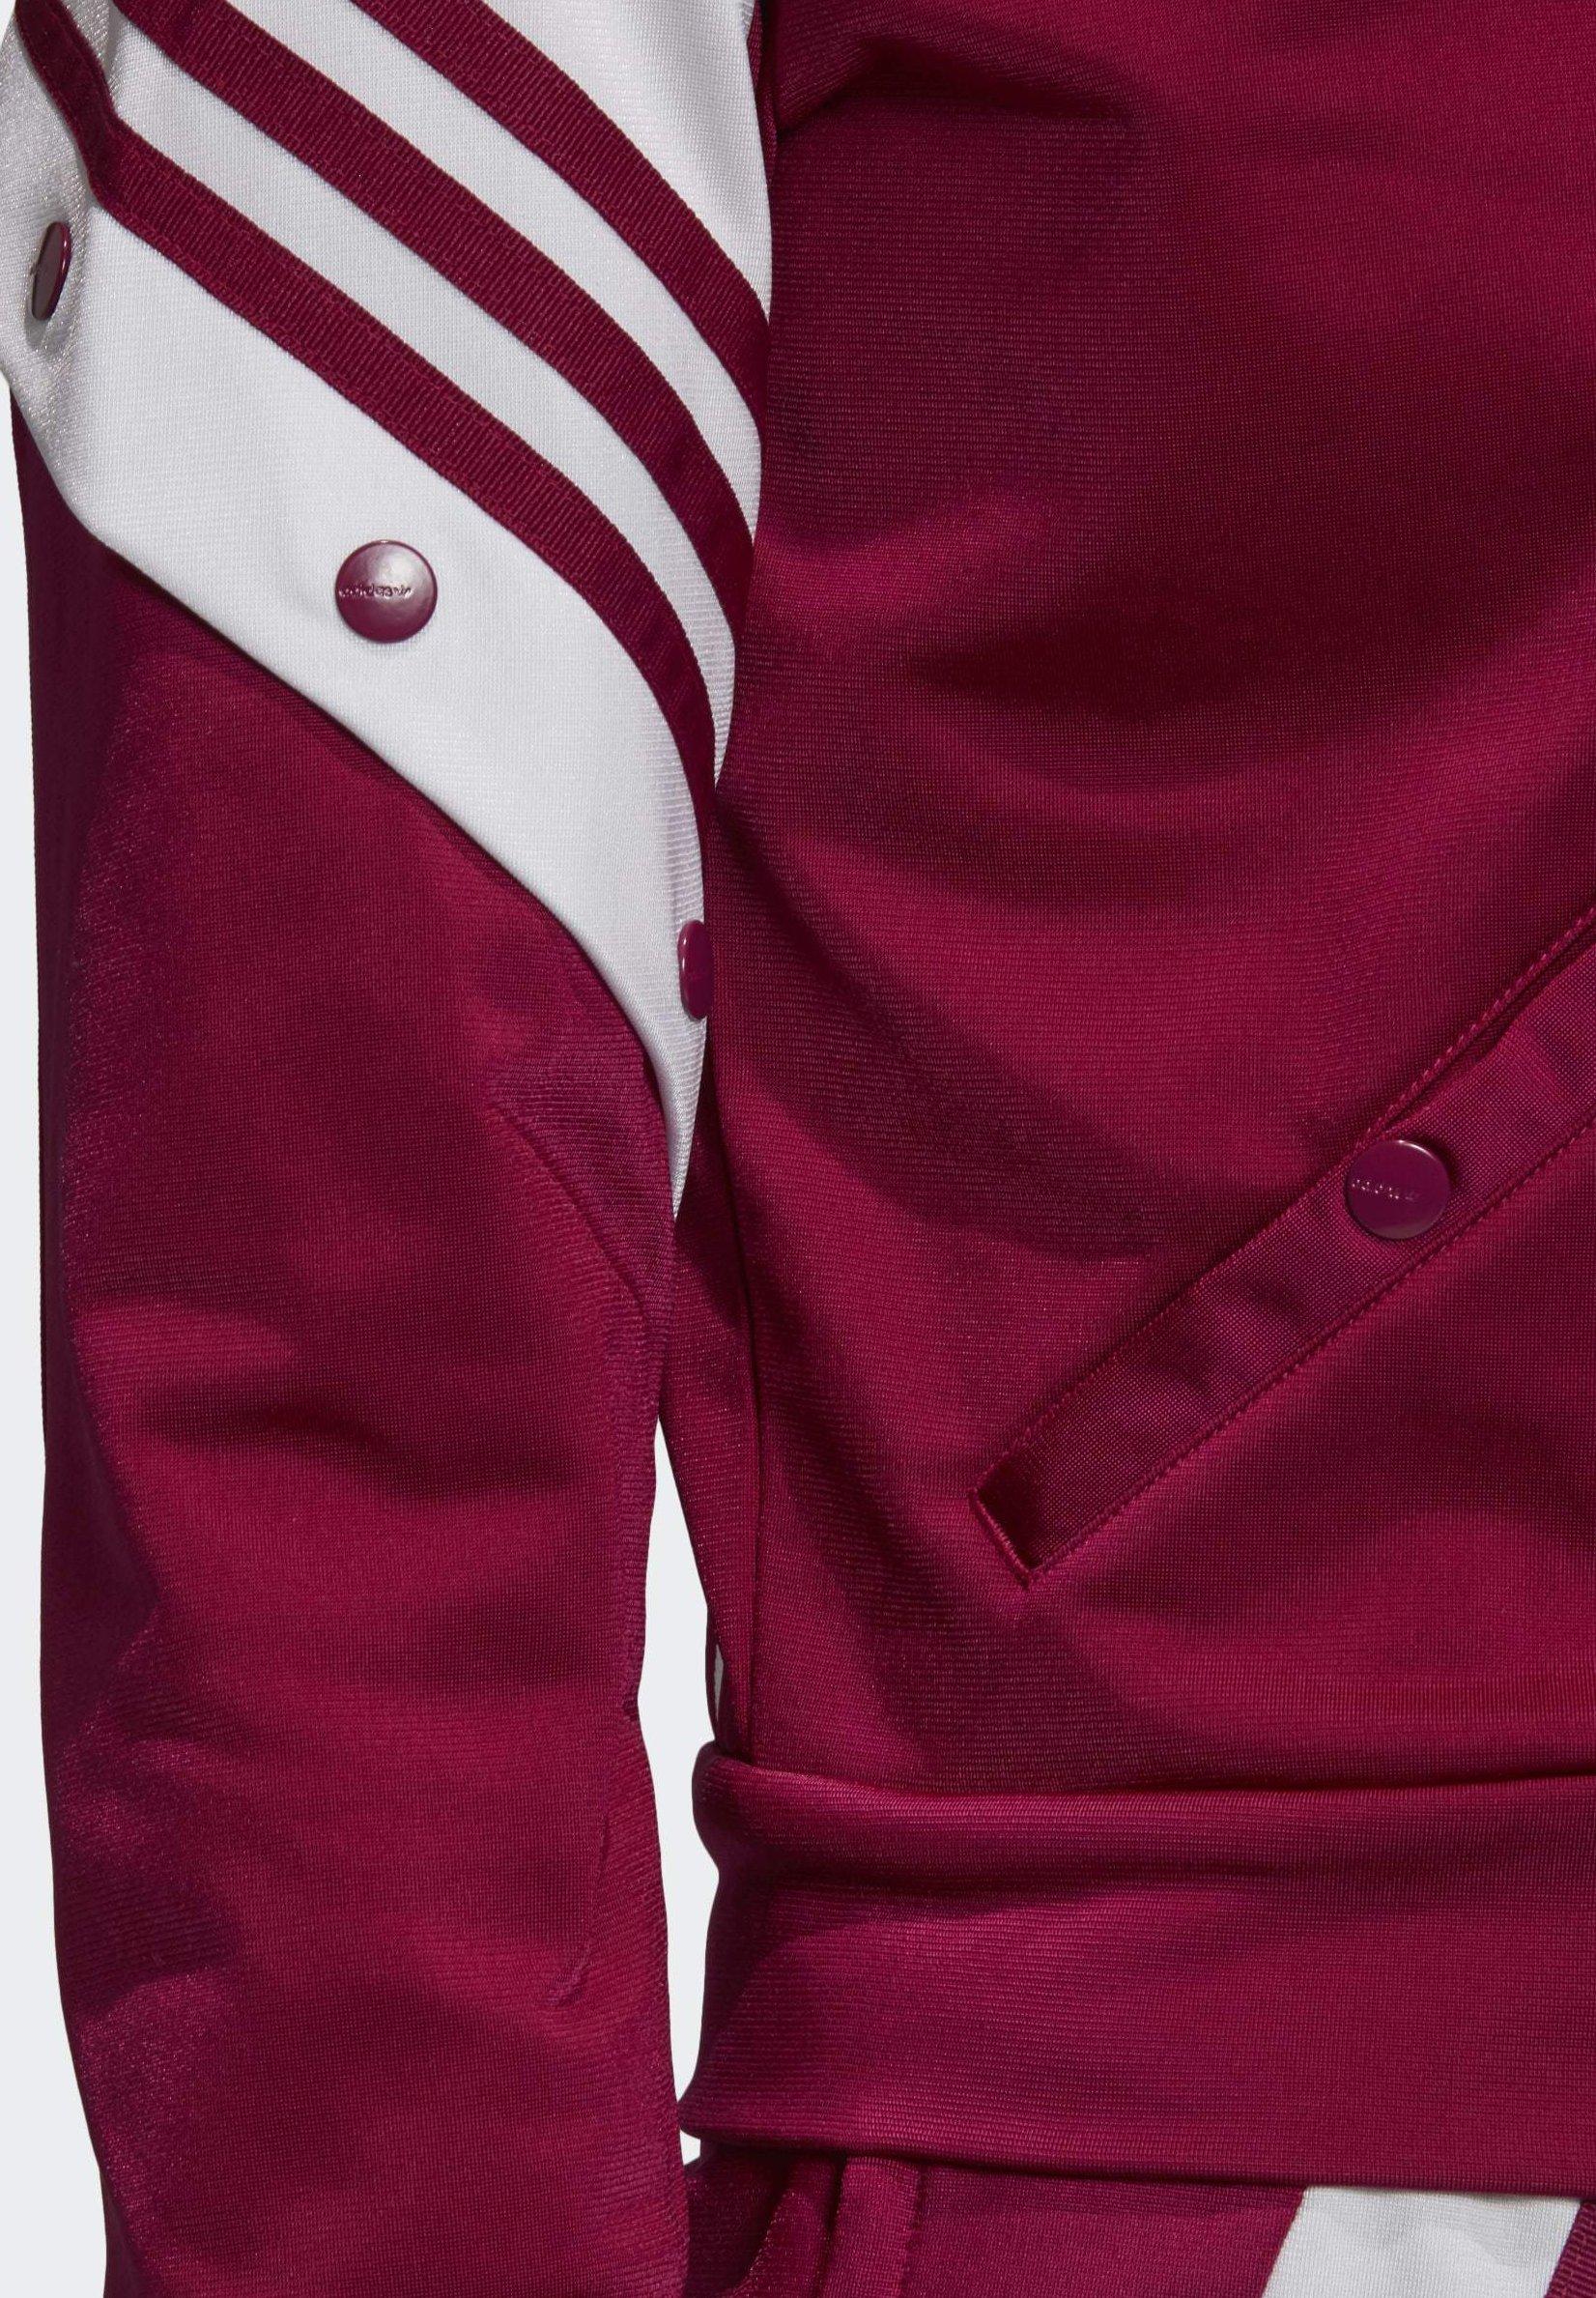 adidas Originals DANIËLLE CATHARI TRACK TOP Trainingsjacke purple/pink